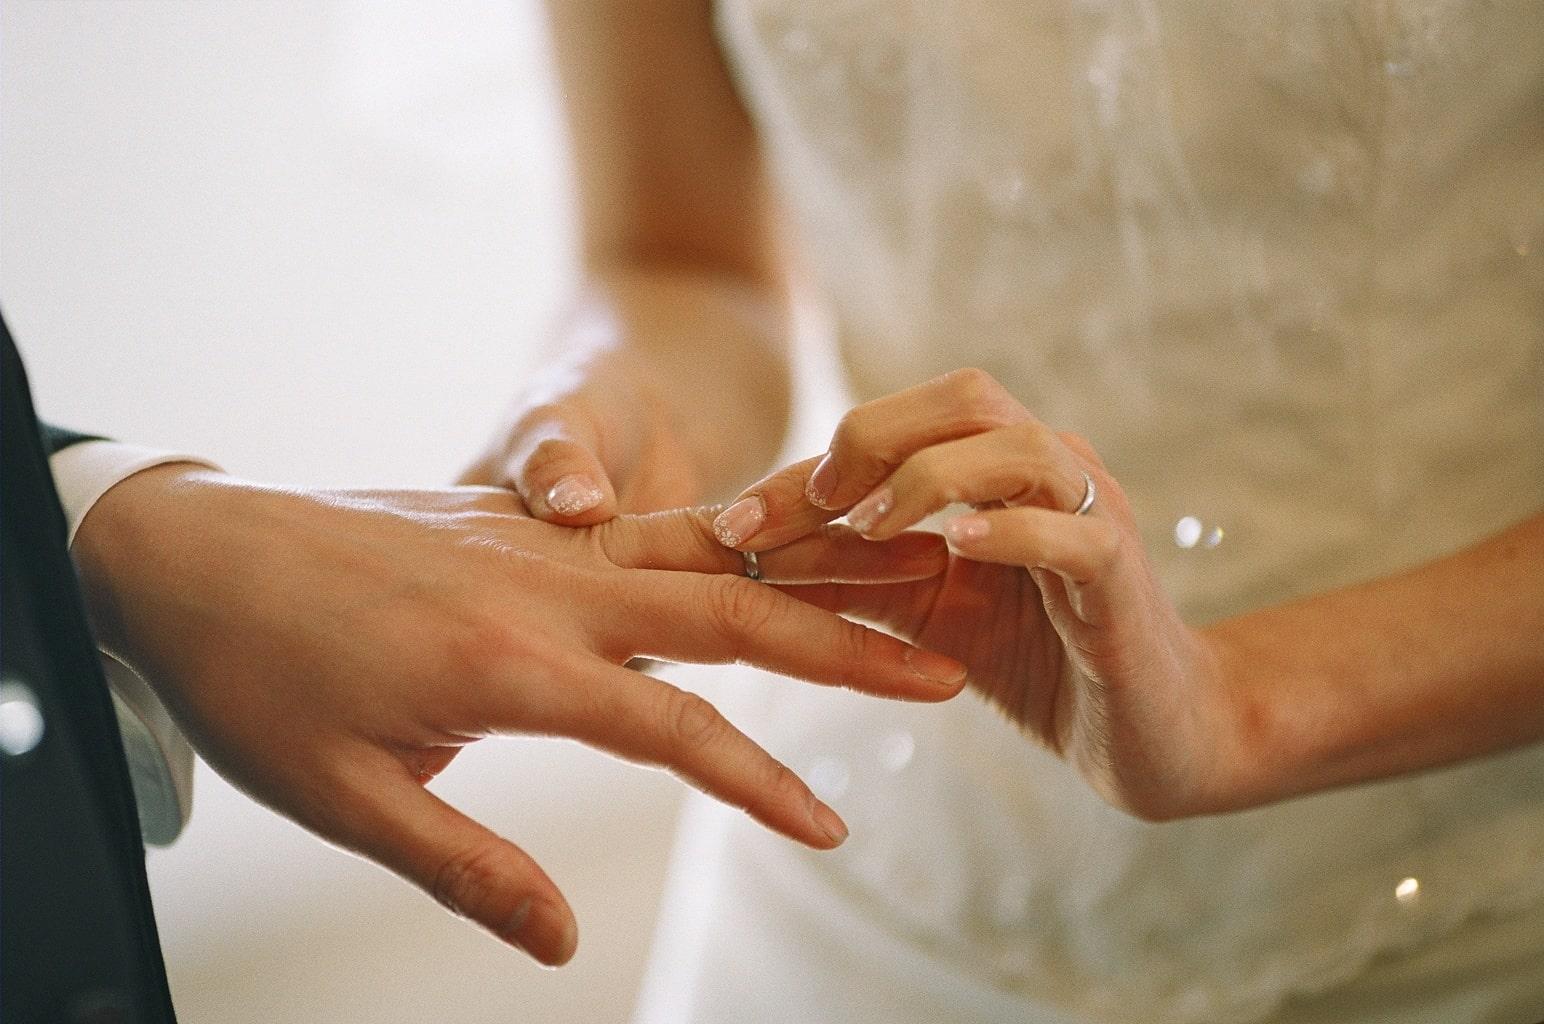 薬指の指輪であなたの願いを叶える!